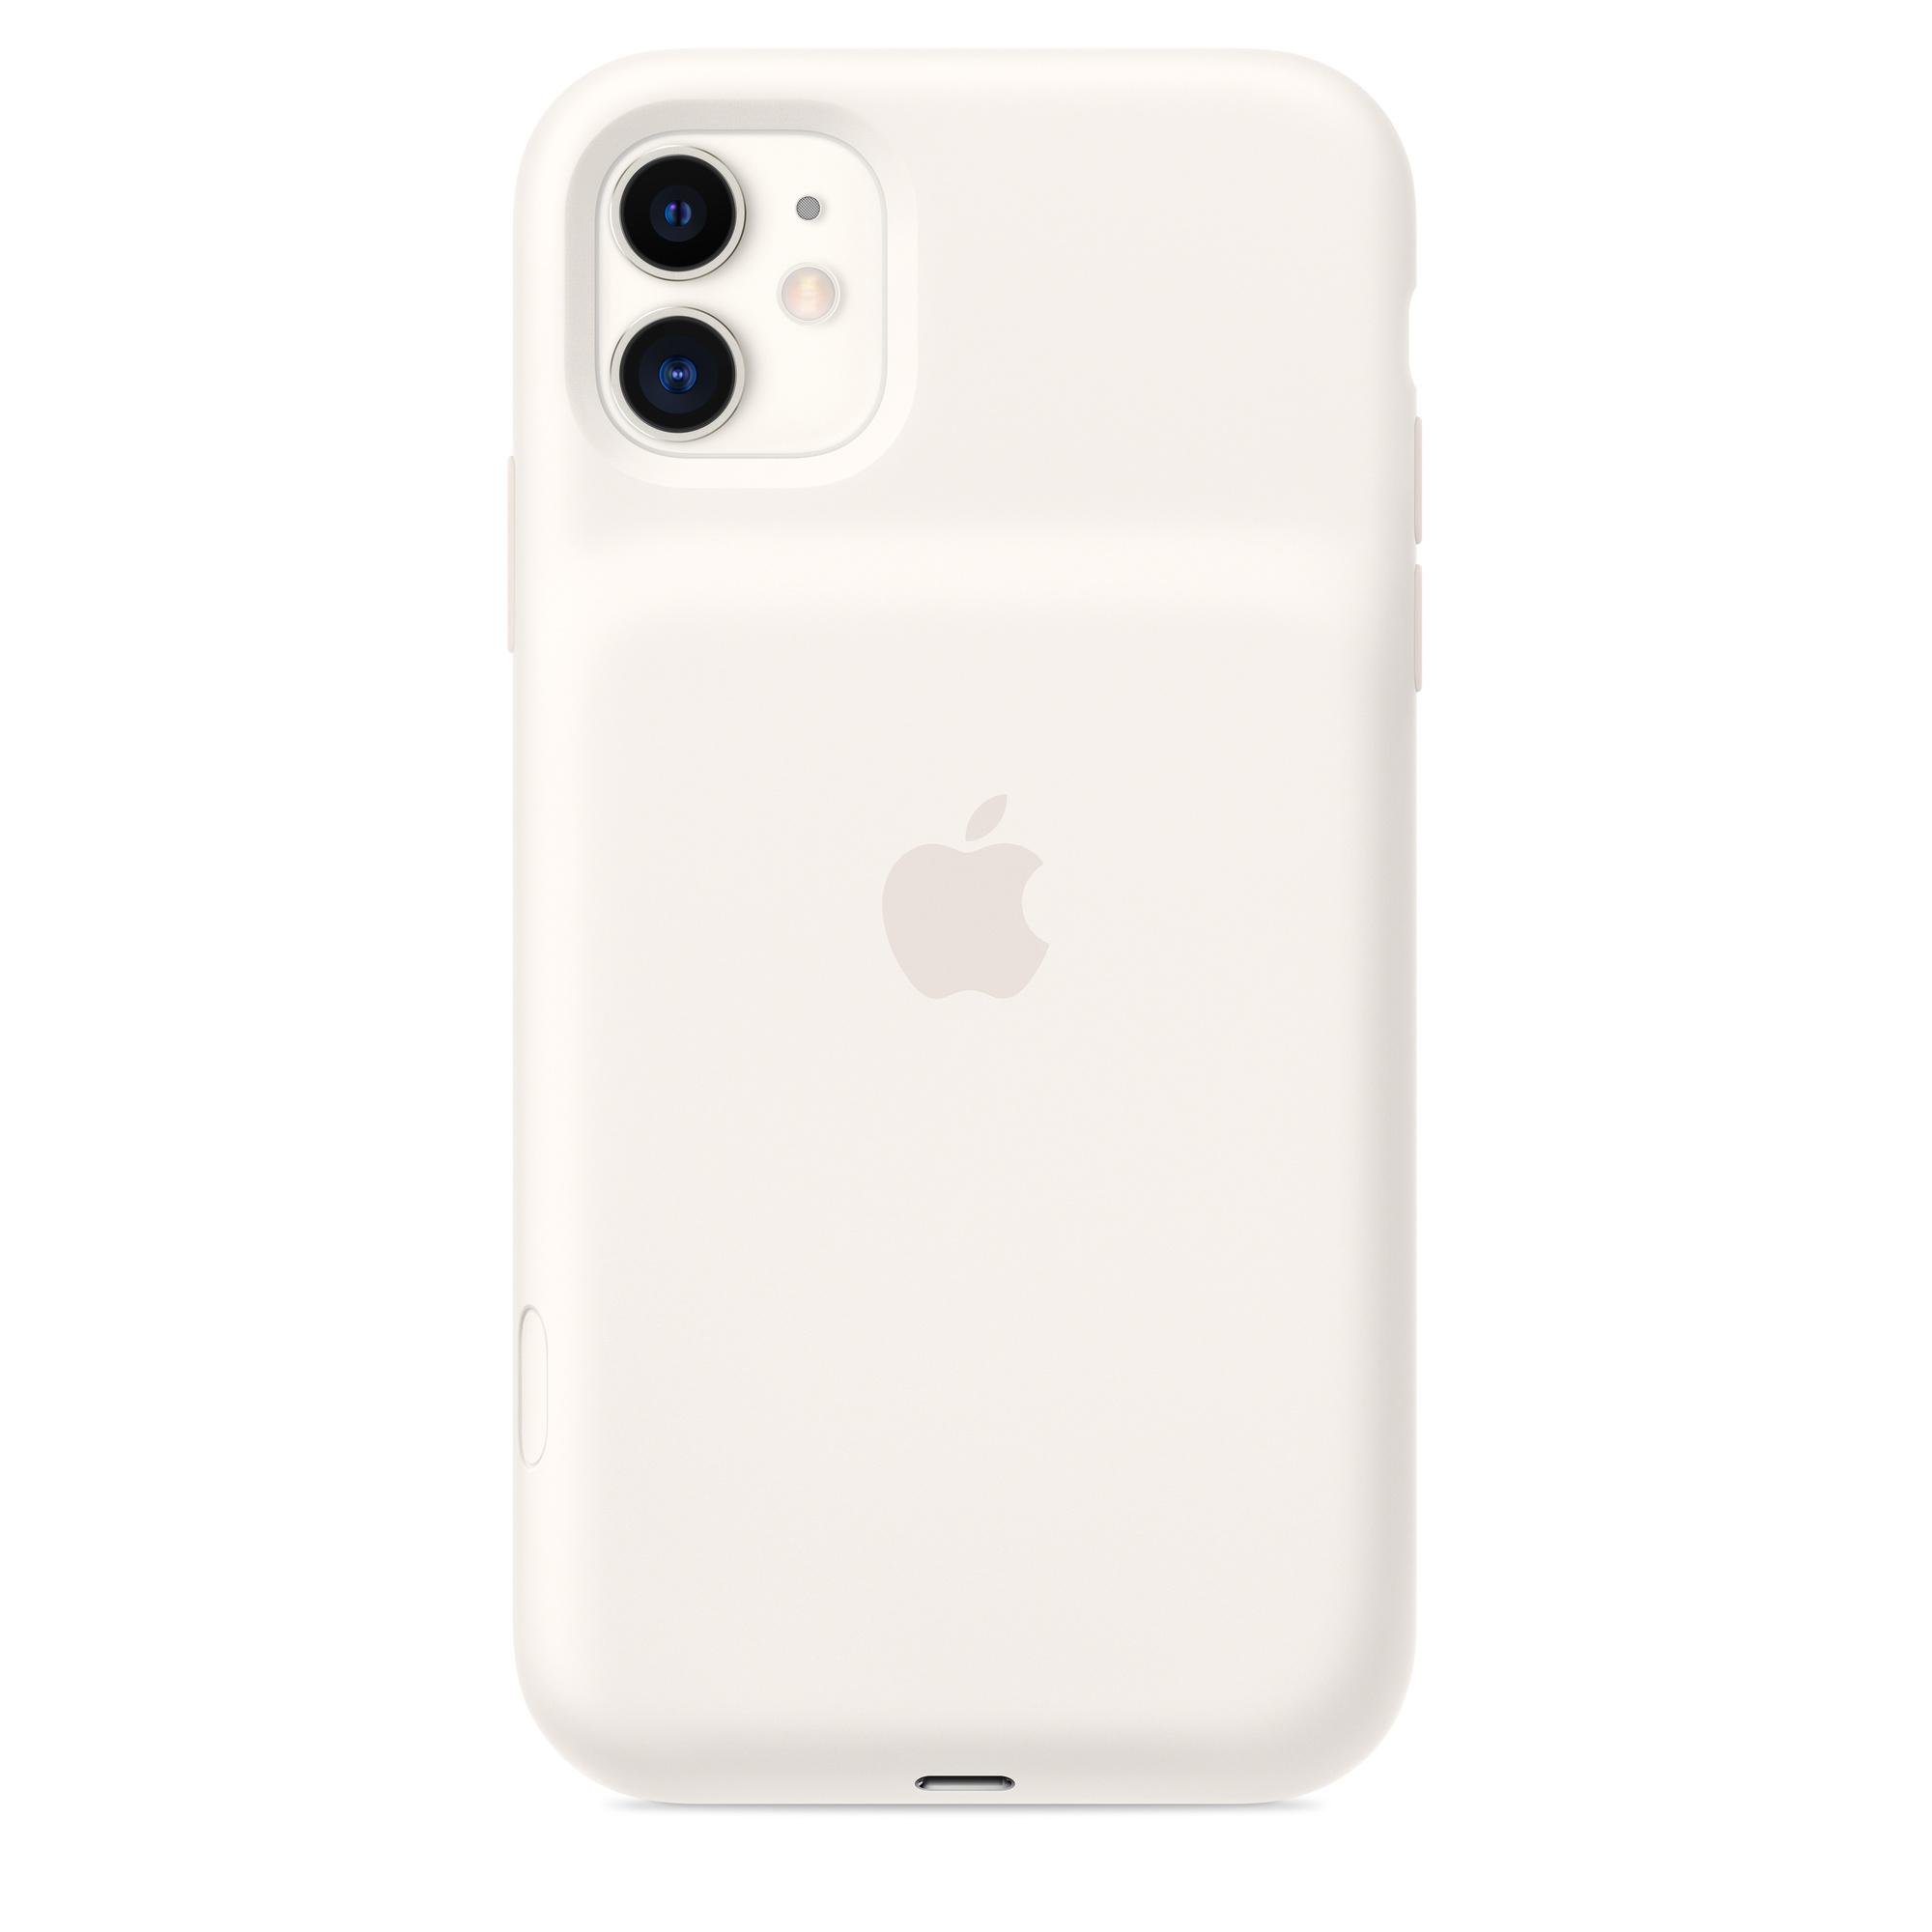 Lad iPhone med Smart Battery Case Apple kundestøtte